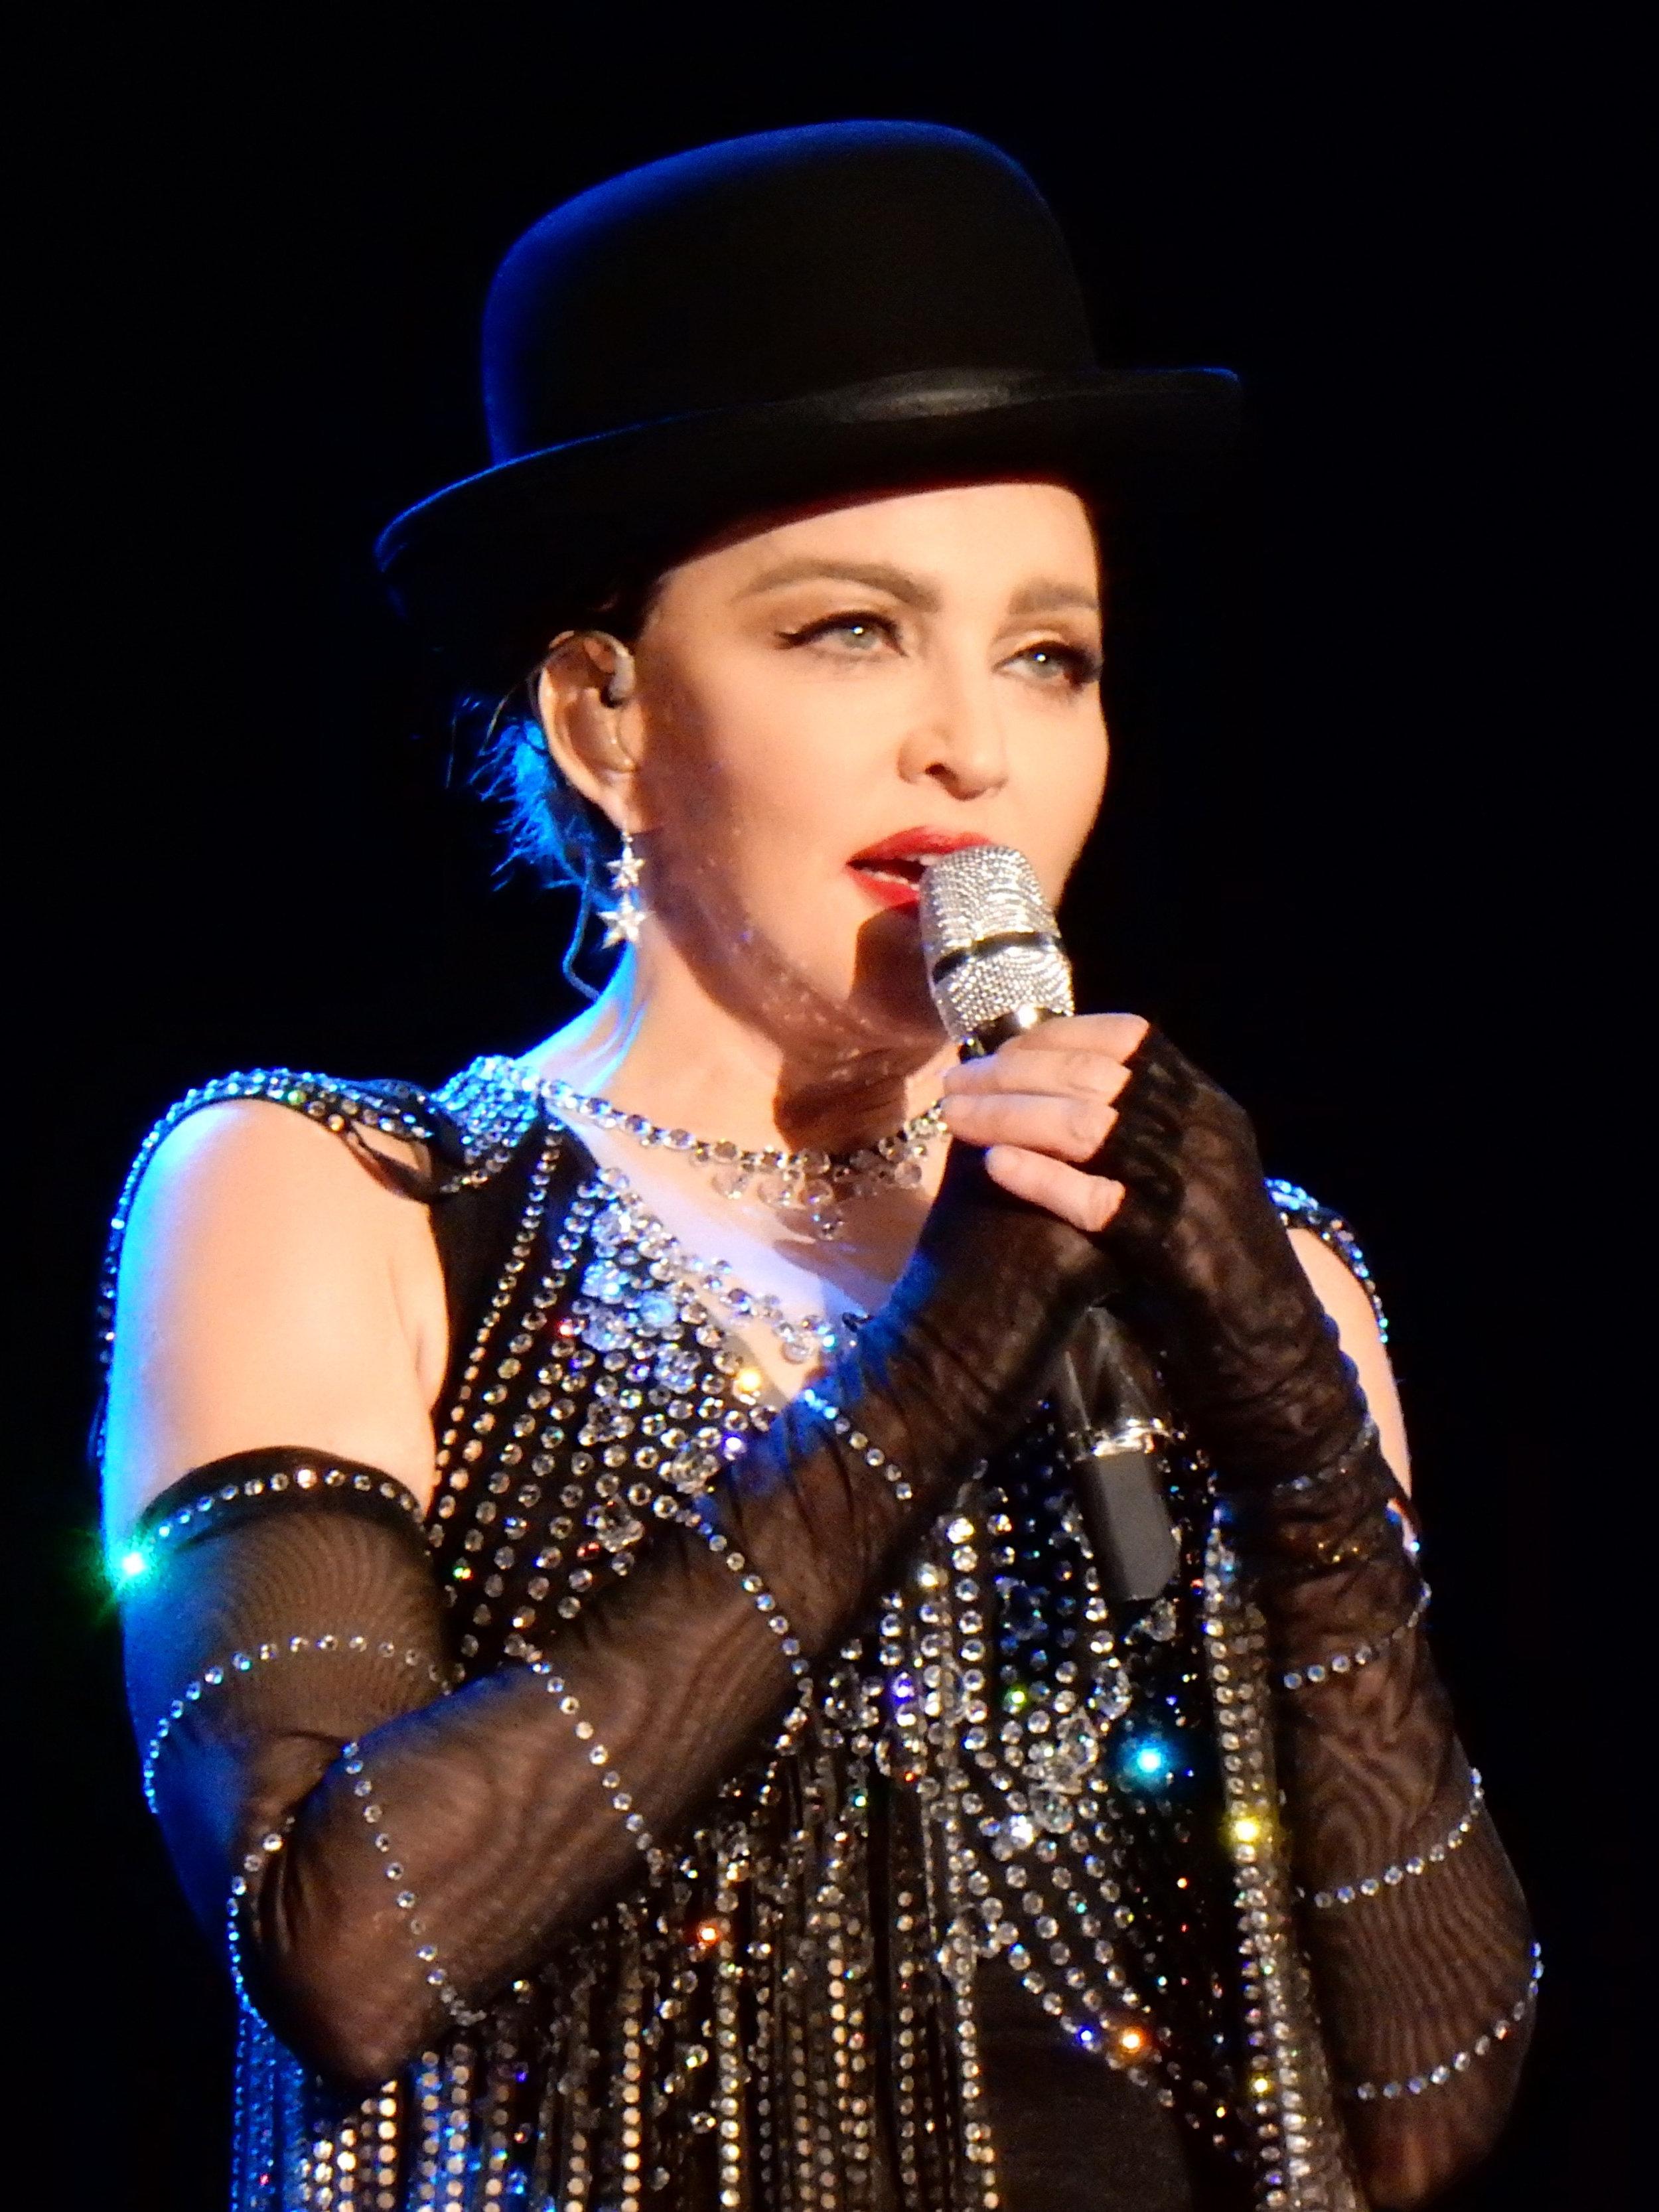 Madonna à Melbourne en 2016  (source : « Rebel Heart tour 2016 - Melbourne 1 », image numérique d'une photo de 2016 par l'auteur Wikipedia chrisweger,  Wikimedia Commons  ( https://commons.wikimedia.org )).